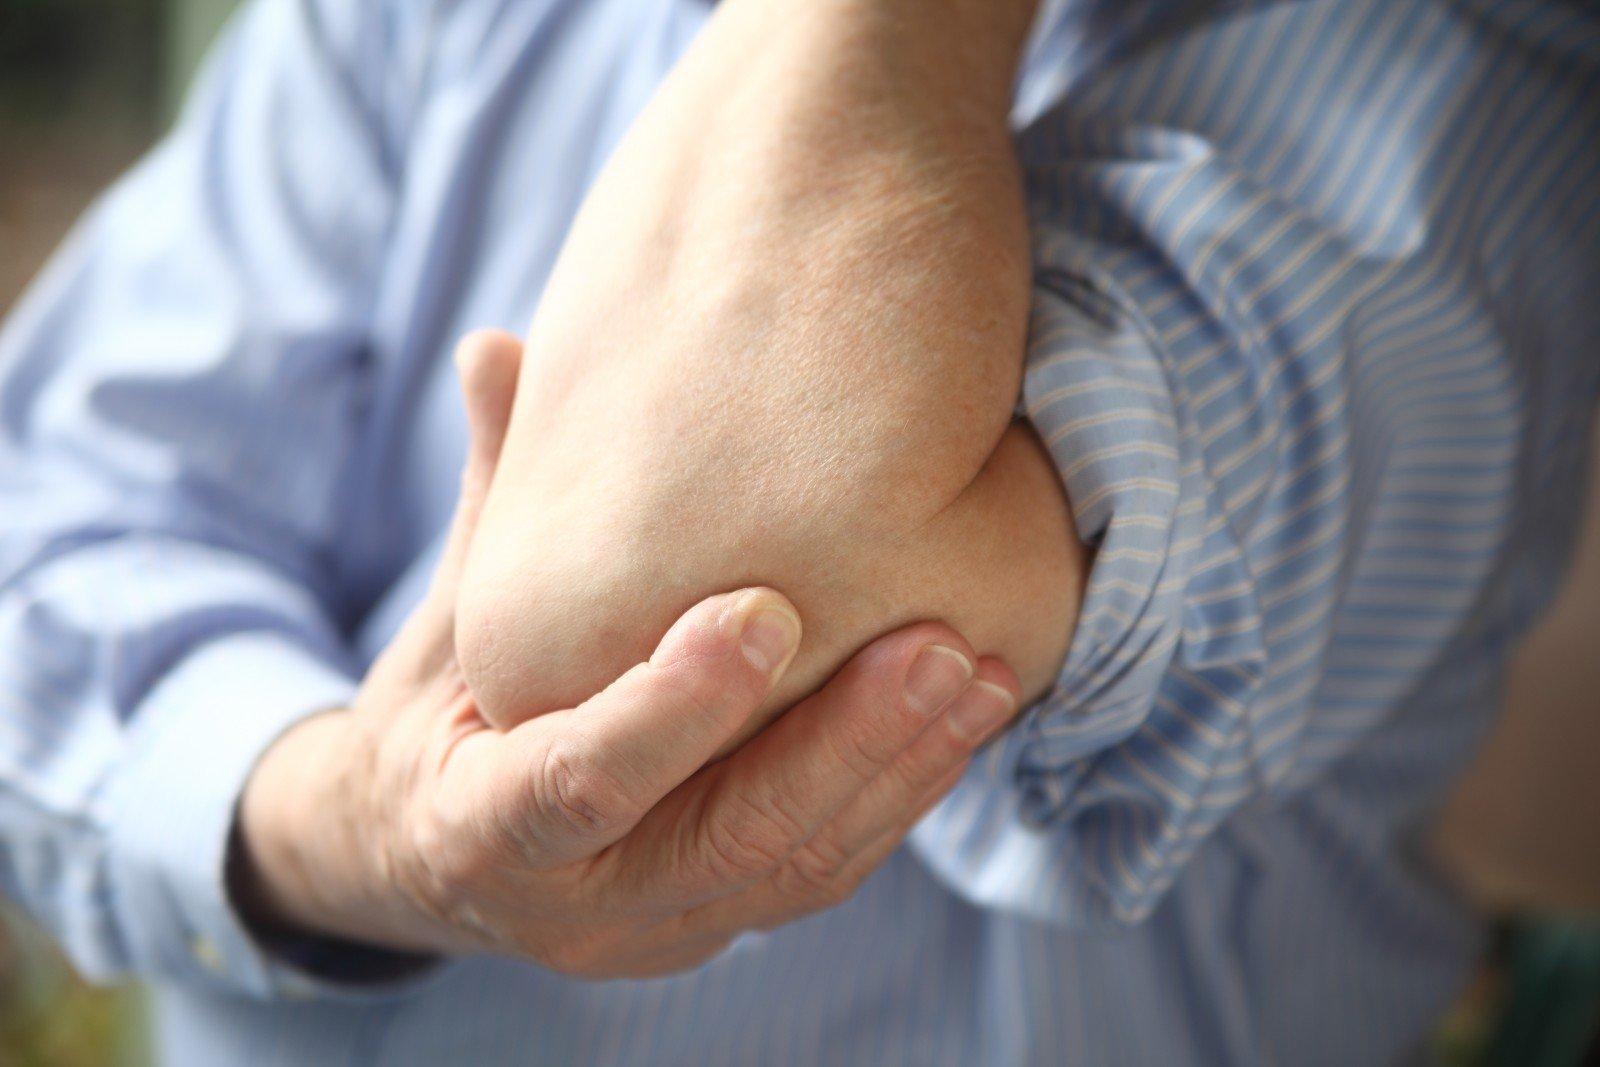 skausmas rankose ir sąnarių kaip padaryti kad tepalas nuo skausmo namie sąnarių